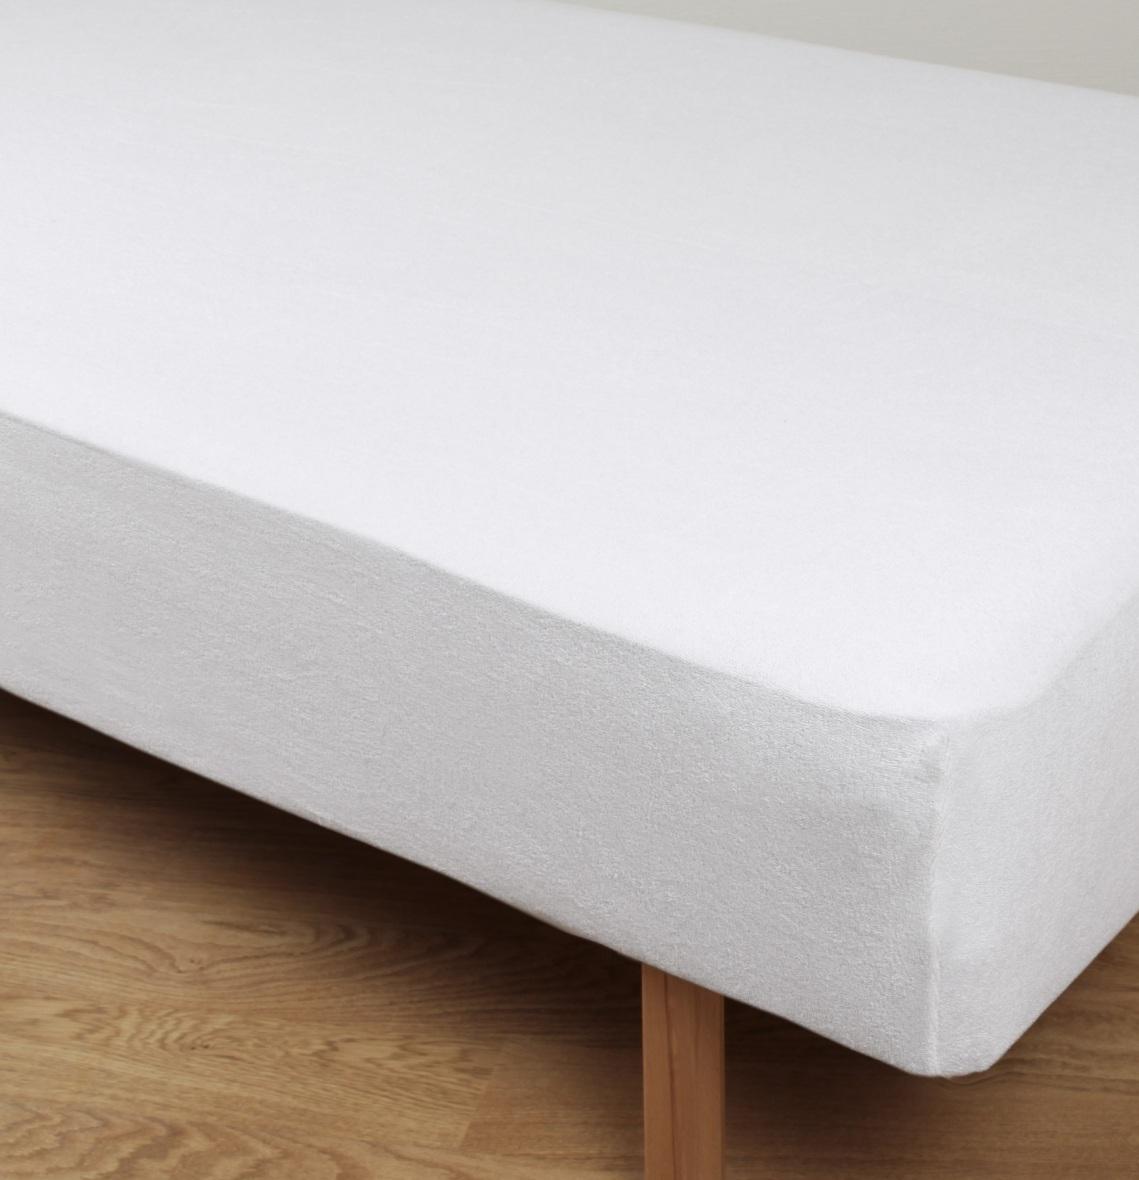 Sängklädsel 140 x 200 cm frotté Värnamo of Sweden